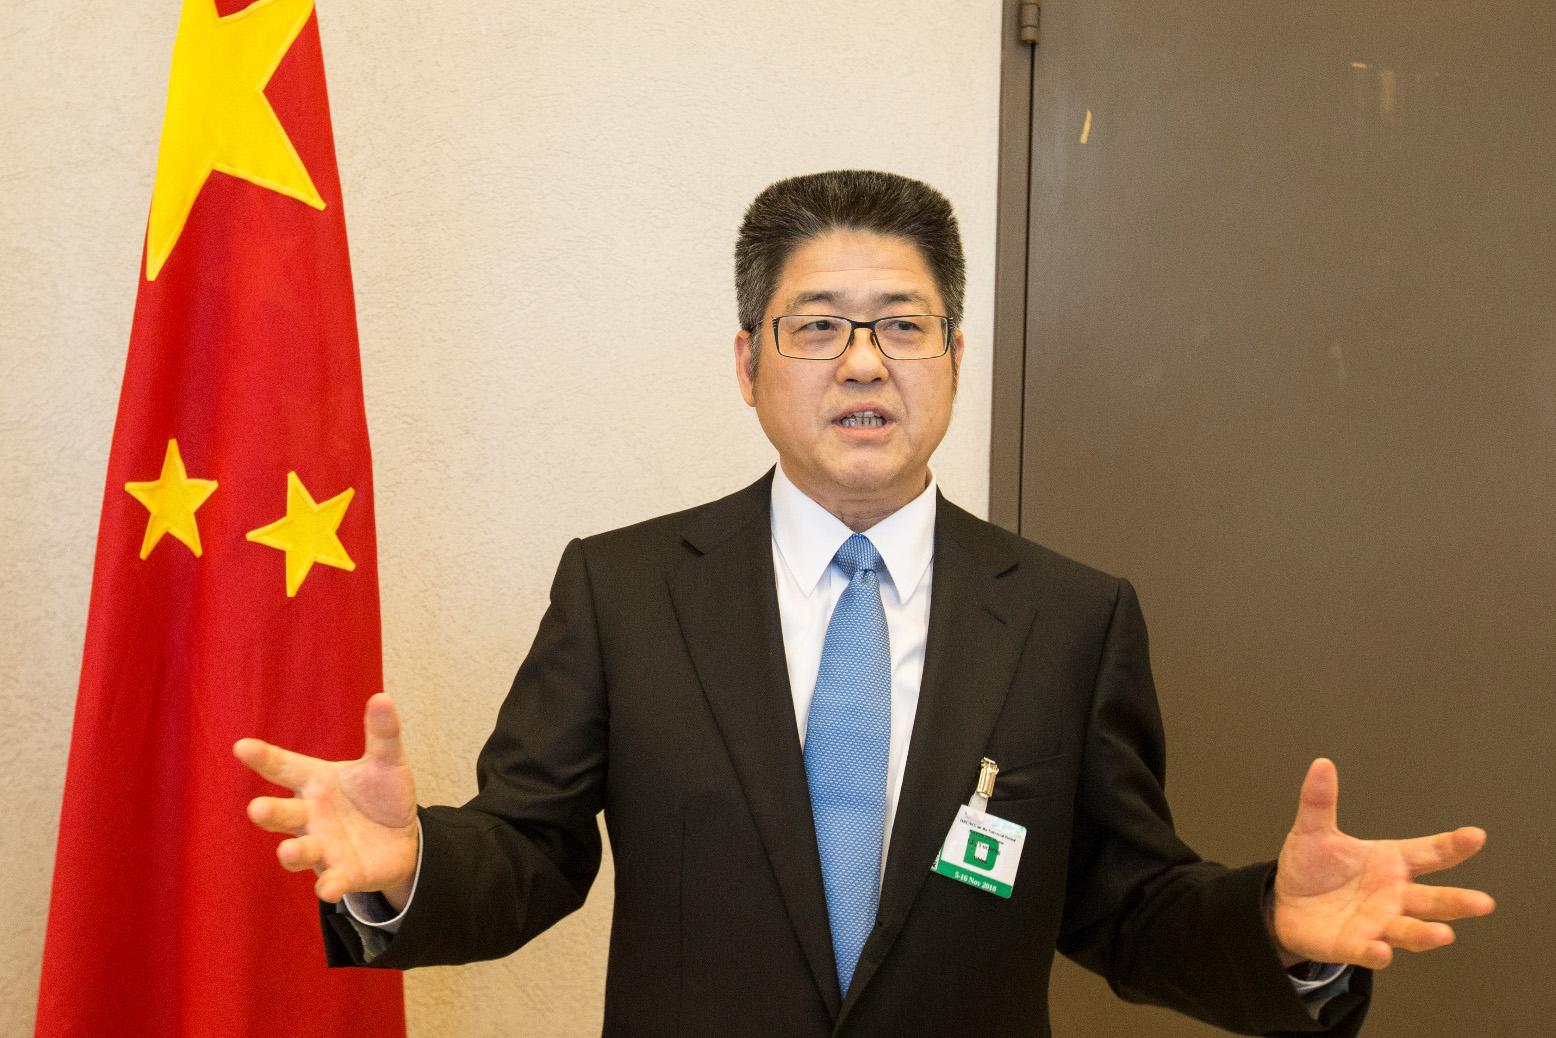 圖為外交部副部長樂玉成。(新華社資料圖片)